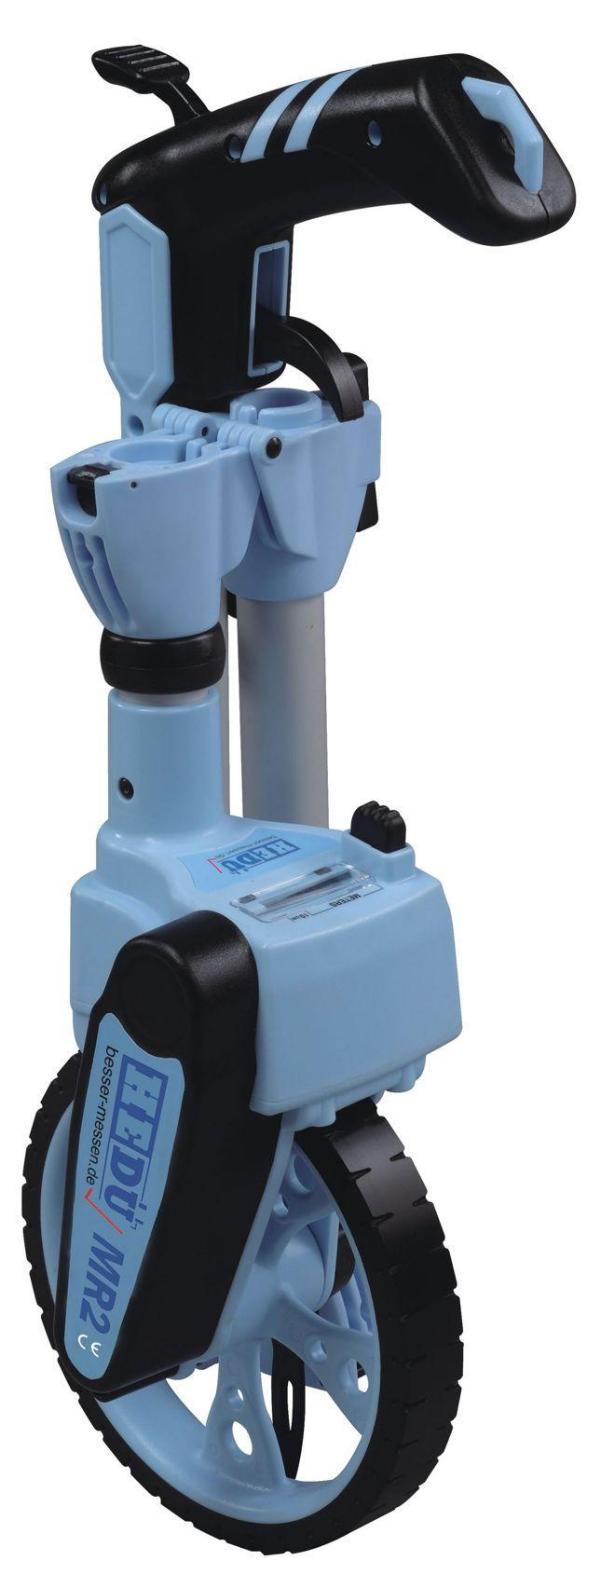 Roda de medição hedue MR2